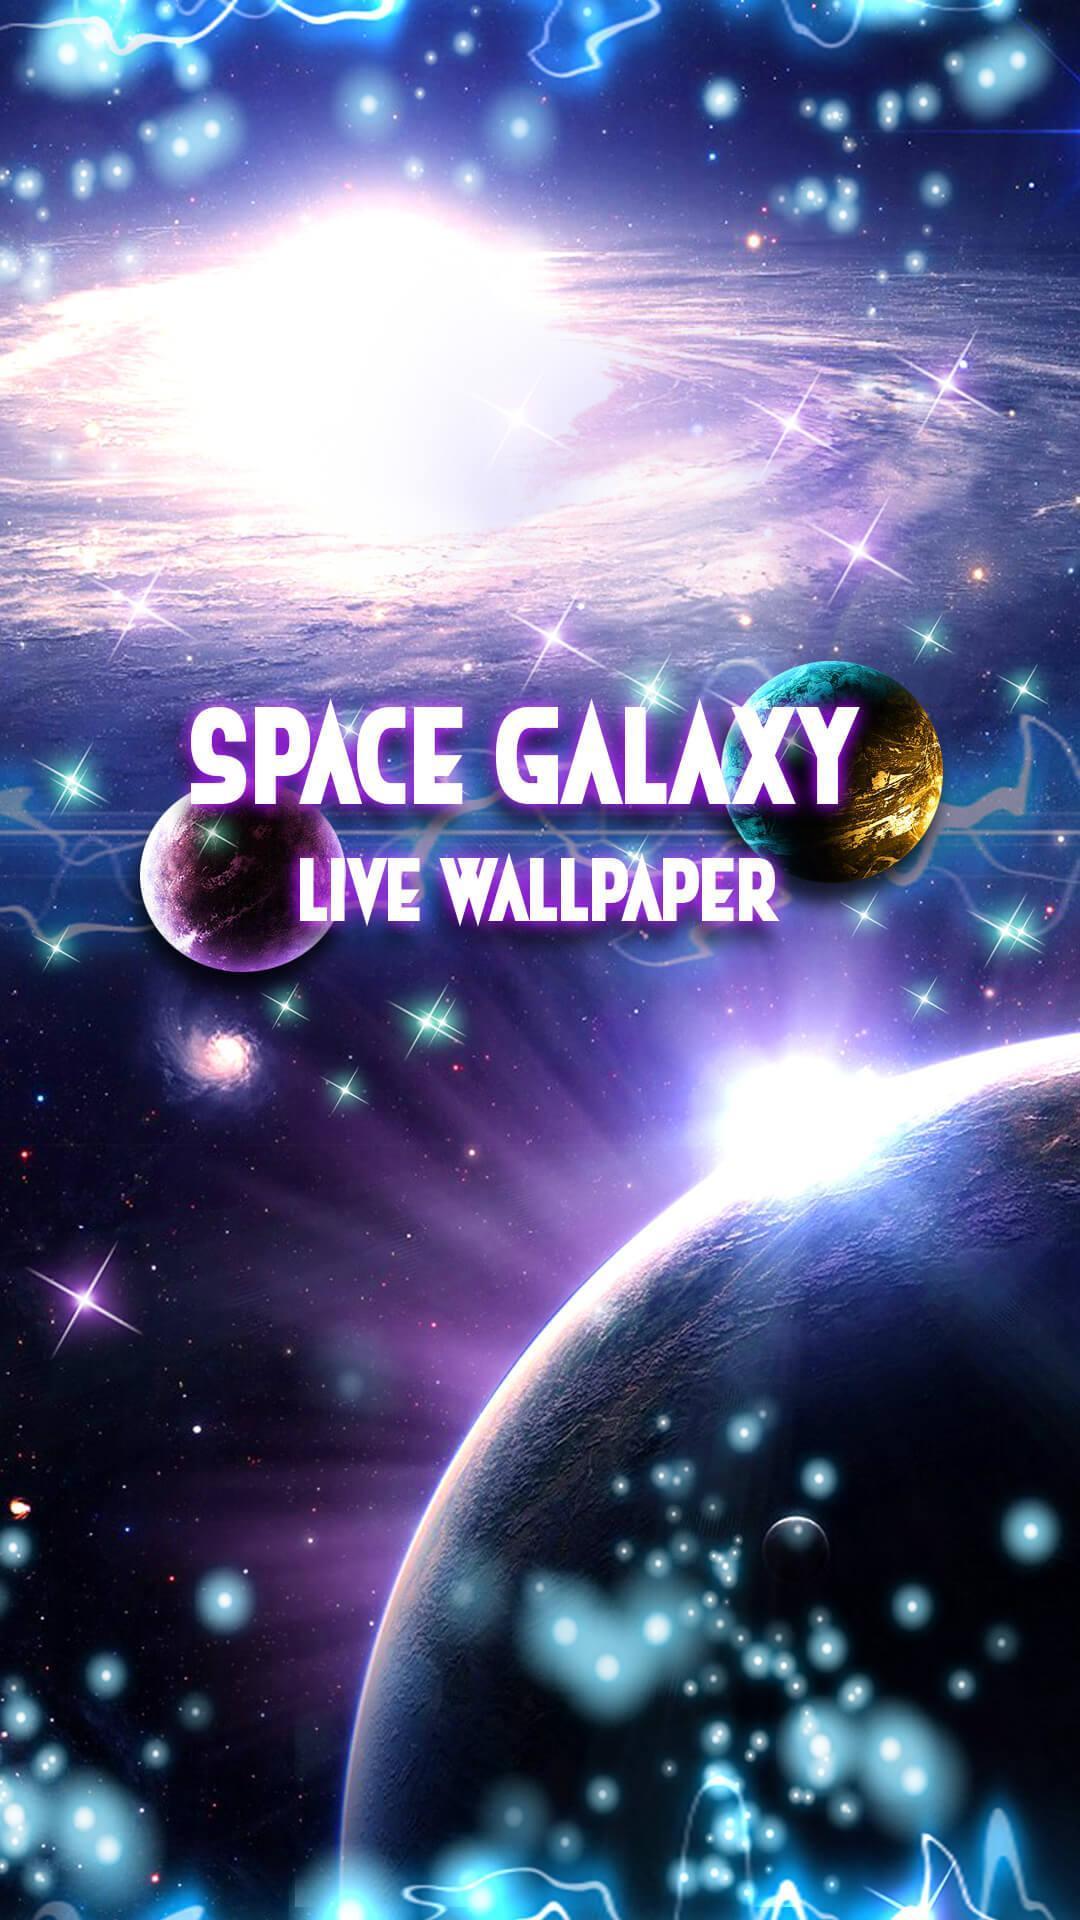 Wallpaper Galaksi Bergerak 🌌 Ruang Hidup Gambar For Android